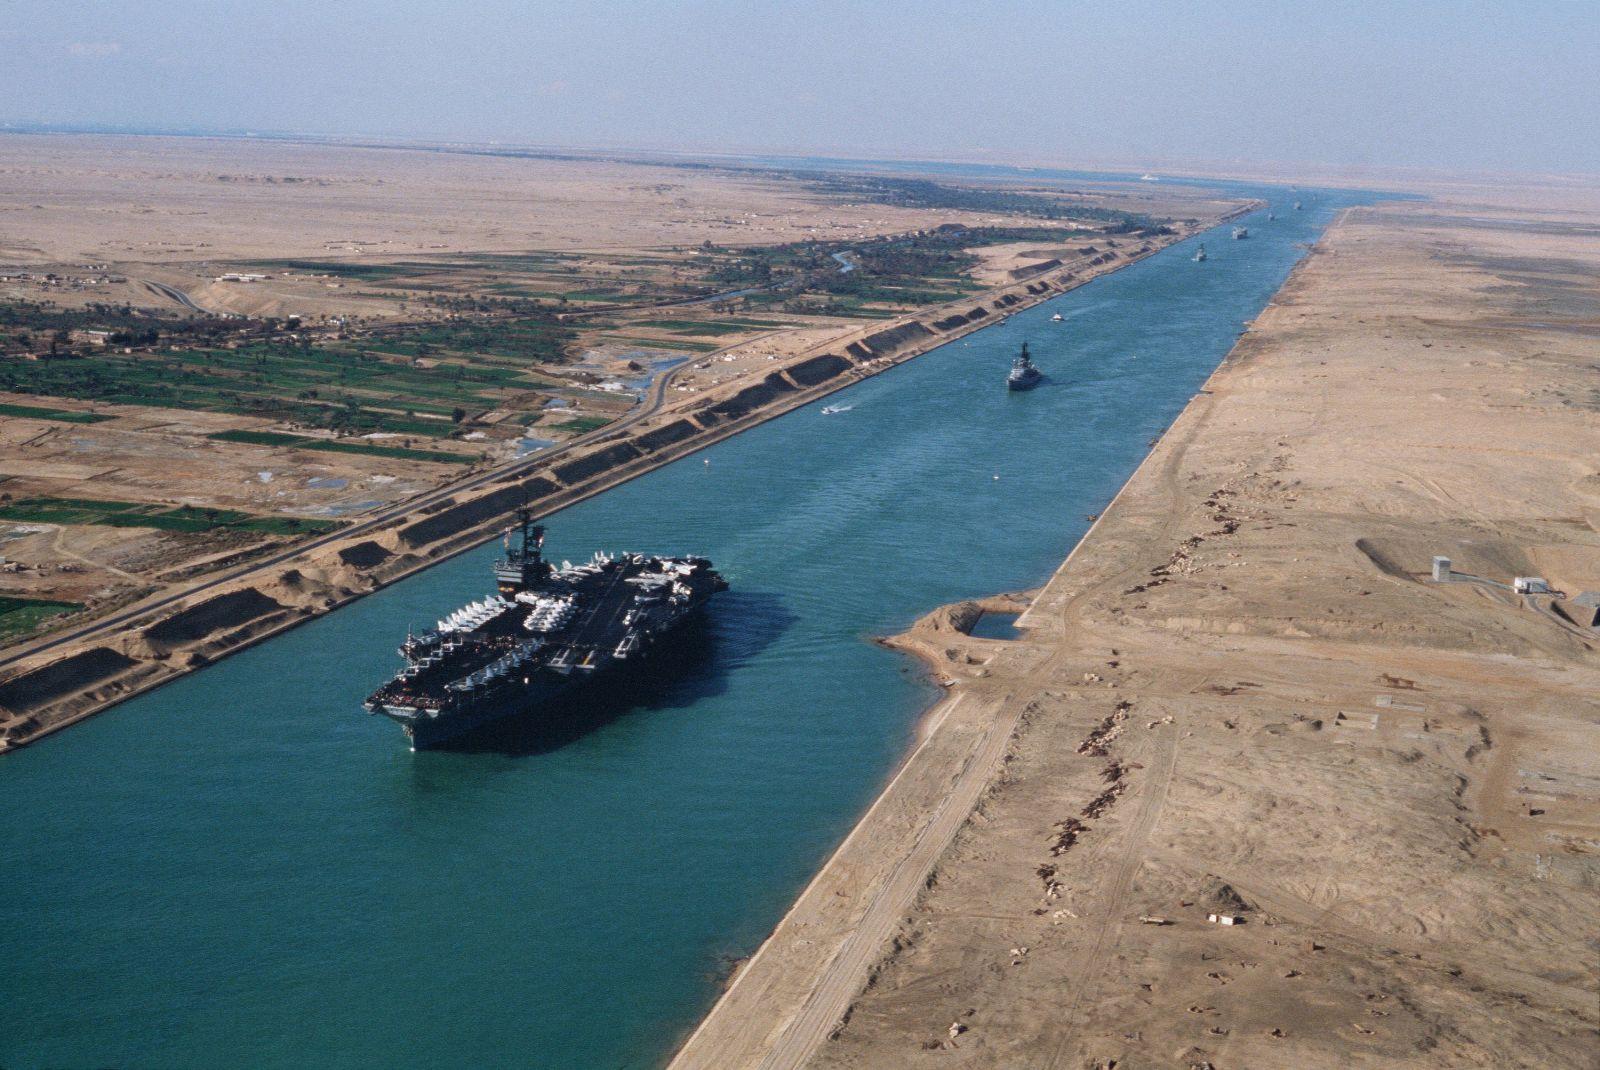 كشف تقرير مؤسسة سي إنتل للنقل البحري، عن أن انخفاض أسعار النفط أدى لاتجاه الناقلات البحرية إلى اتخاذ الطريق الطويل من خلال الالتفاف حول أفريقيا لتجنب الرسوم ...